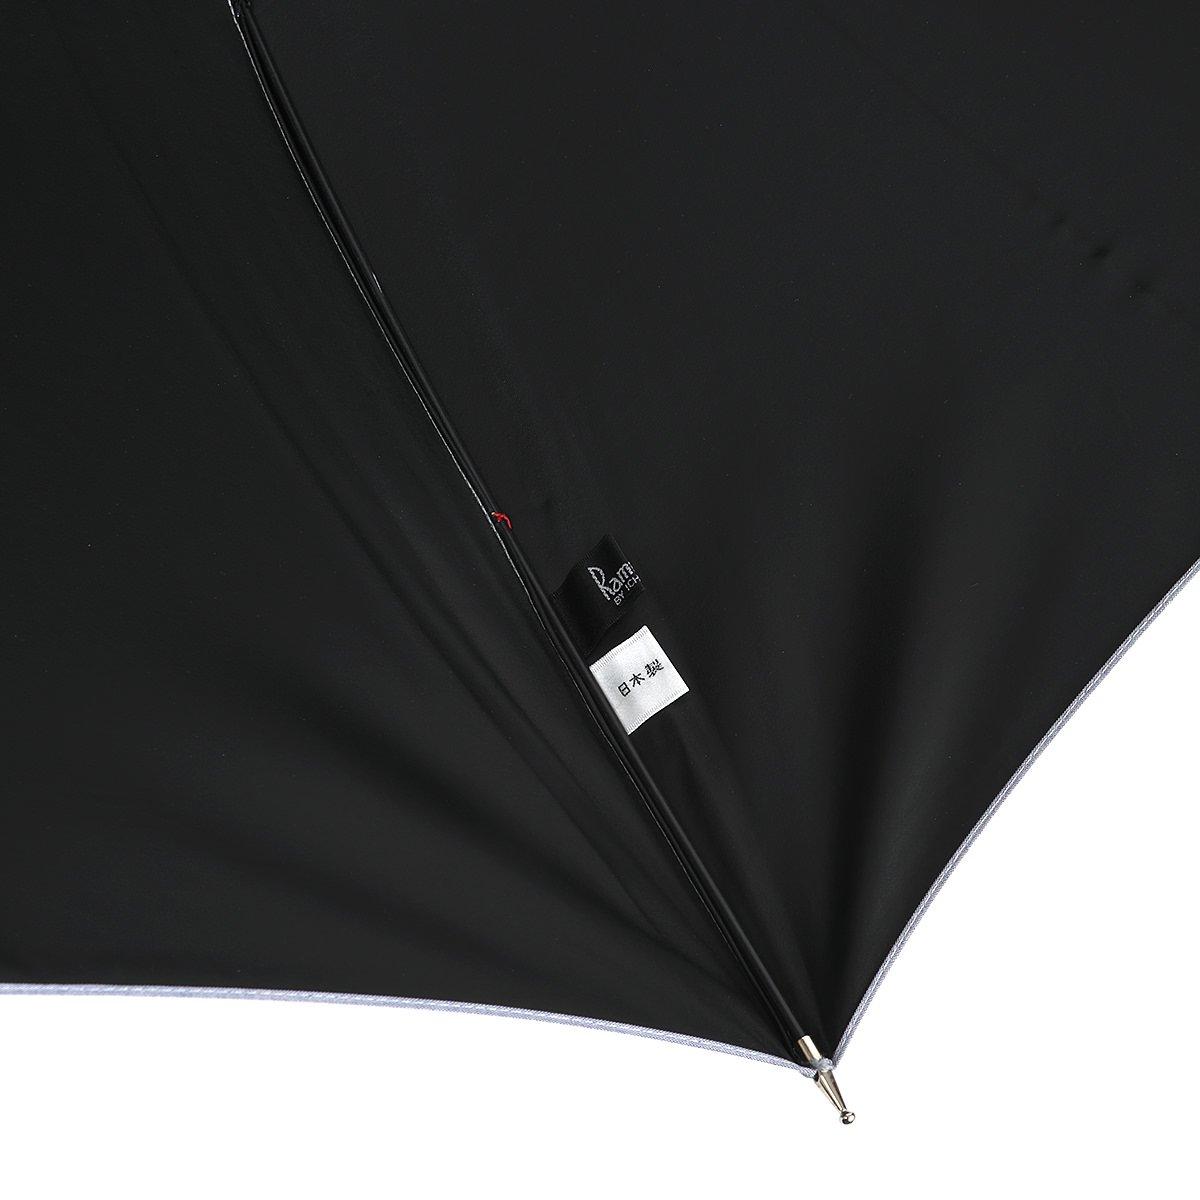 【一級遮光】シャンブレー オールシーズン 長傘 詳細画像7